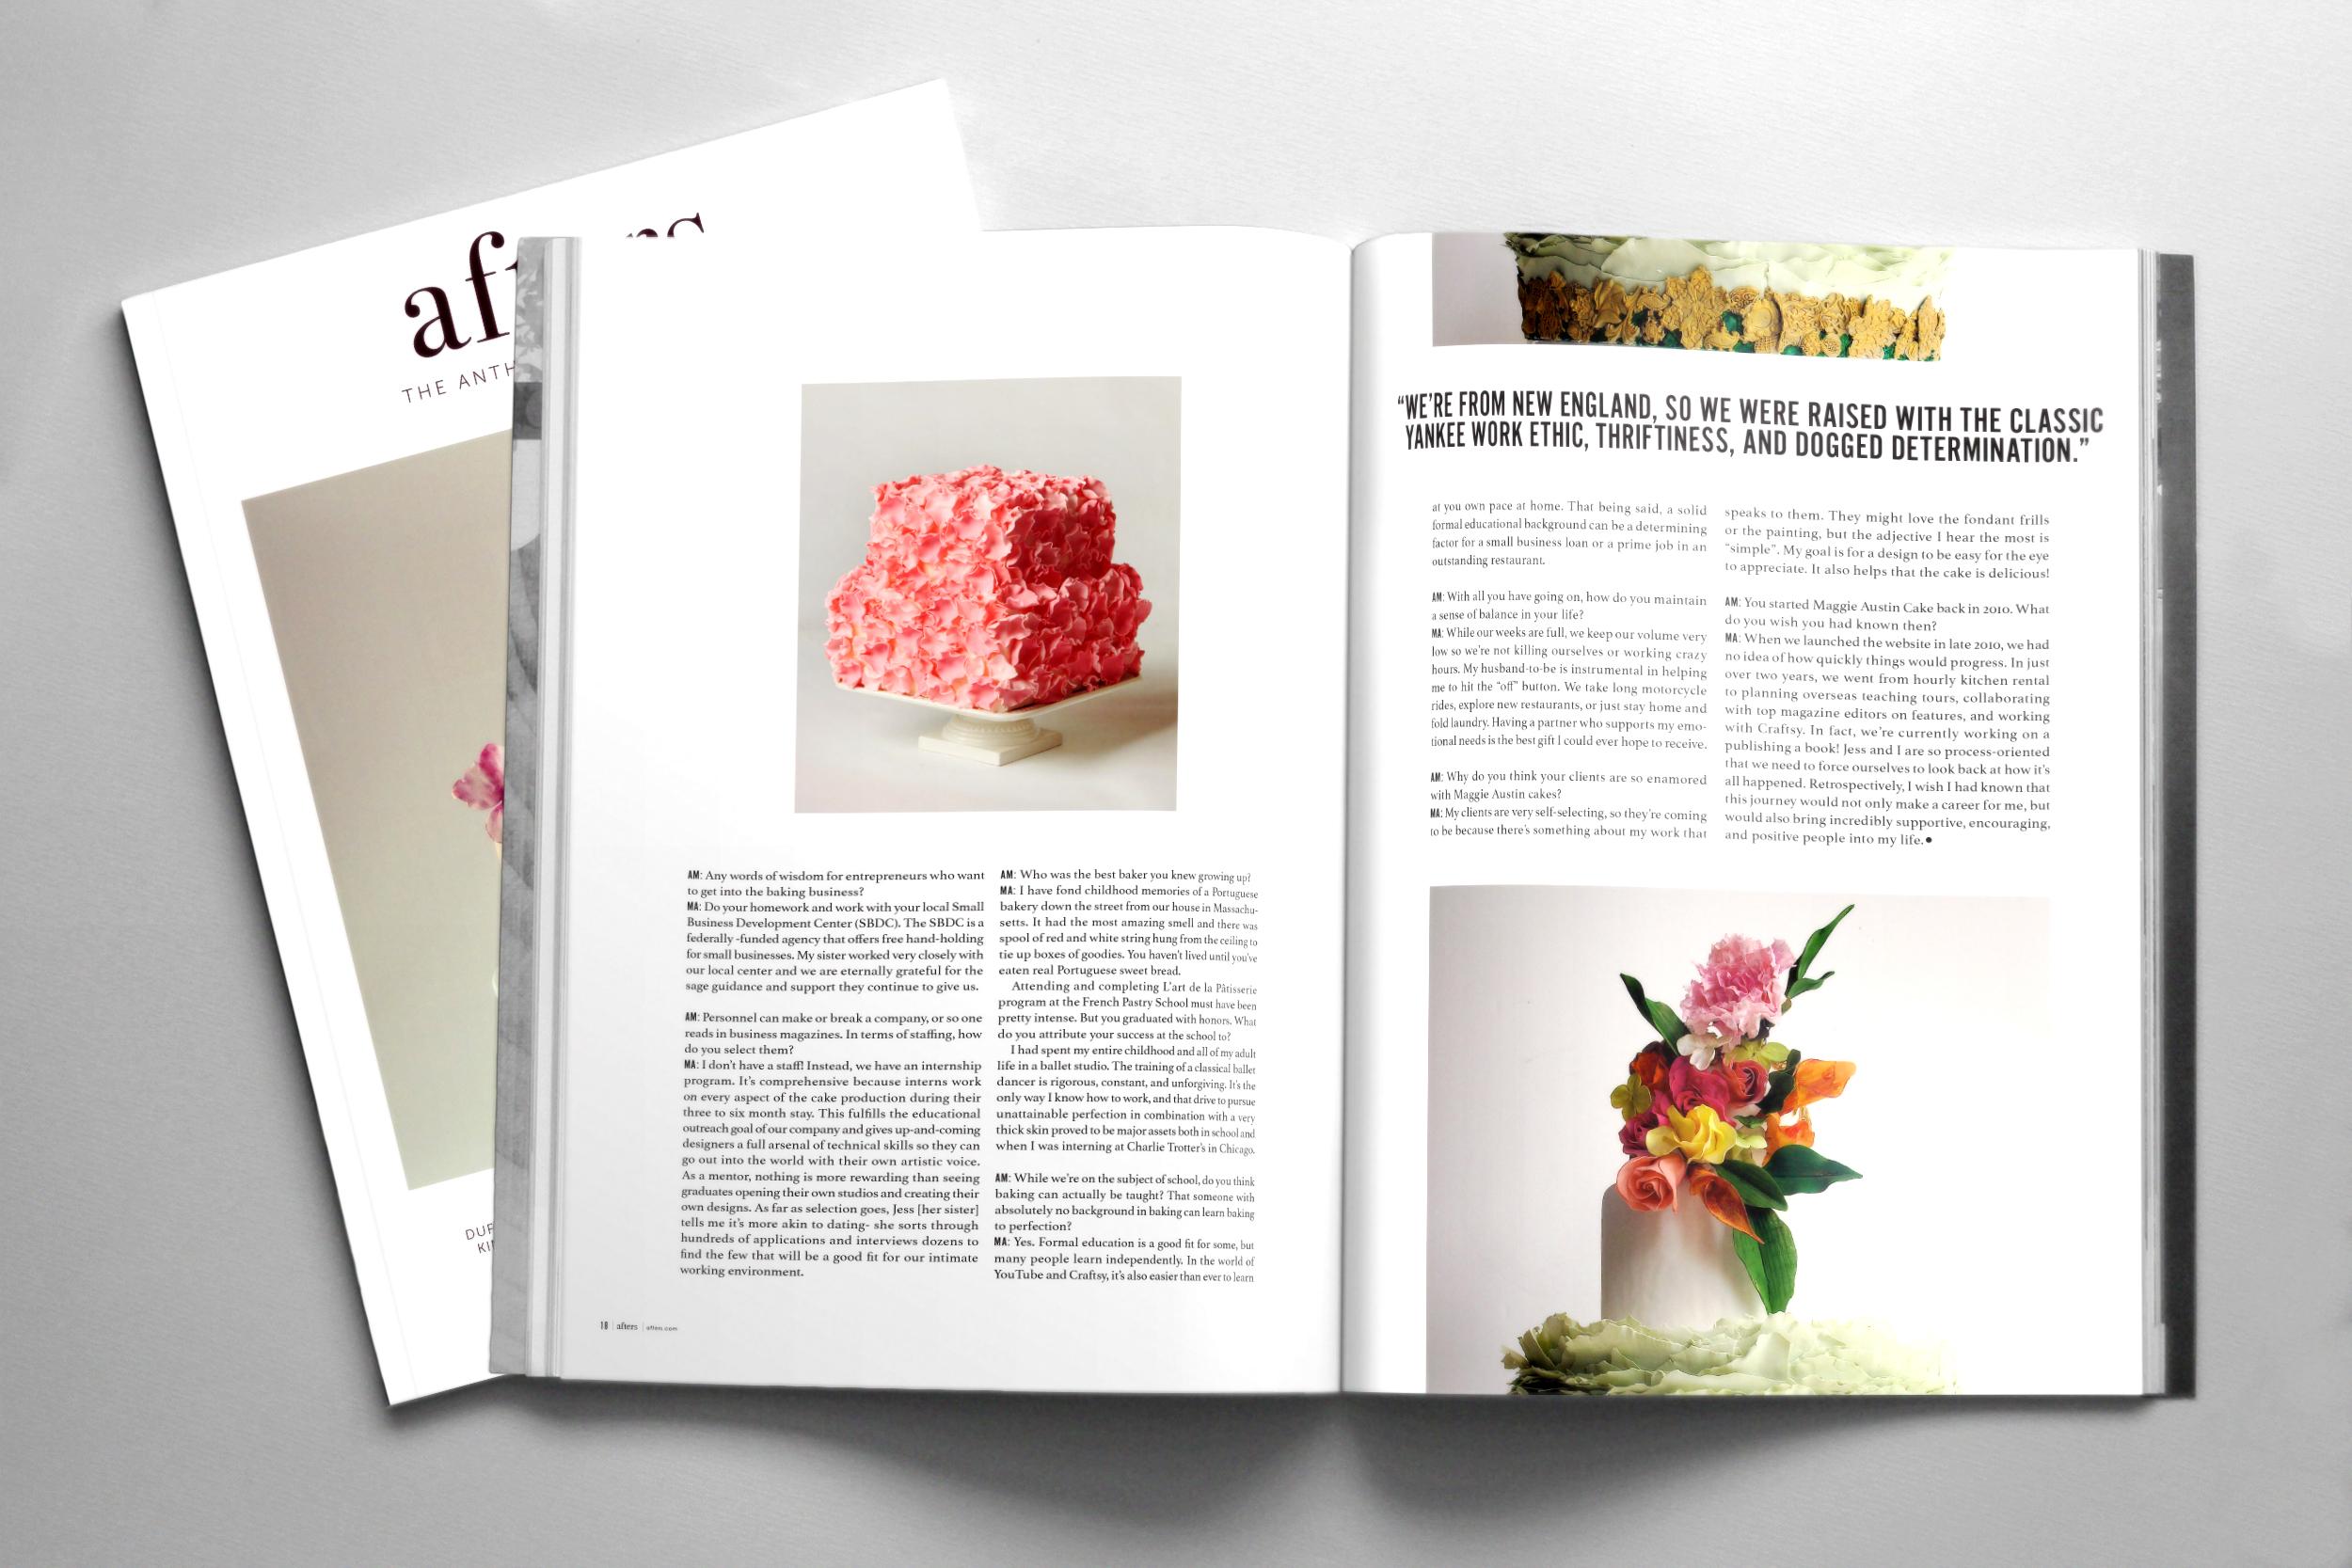 magazinemockup6.jpg